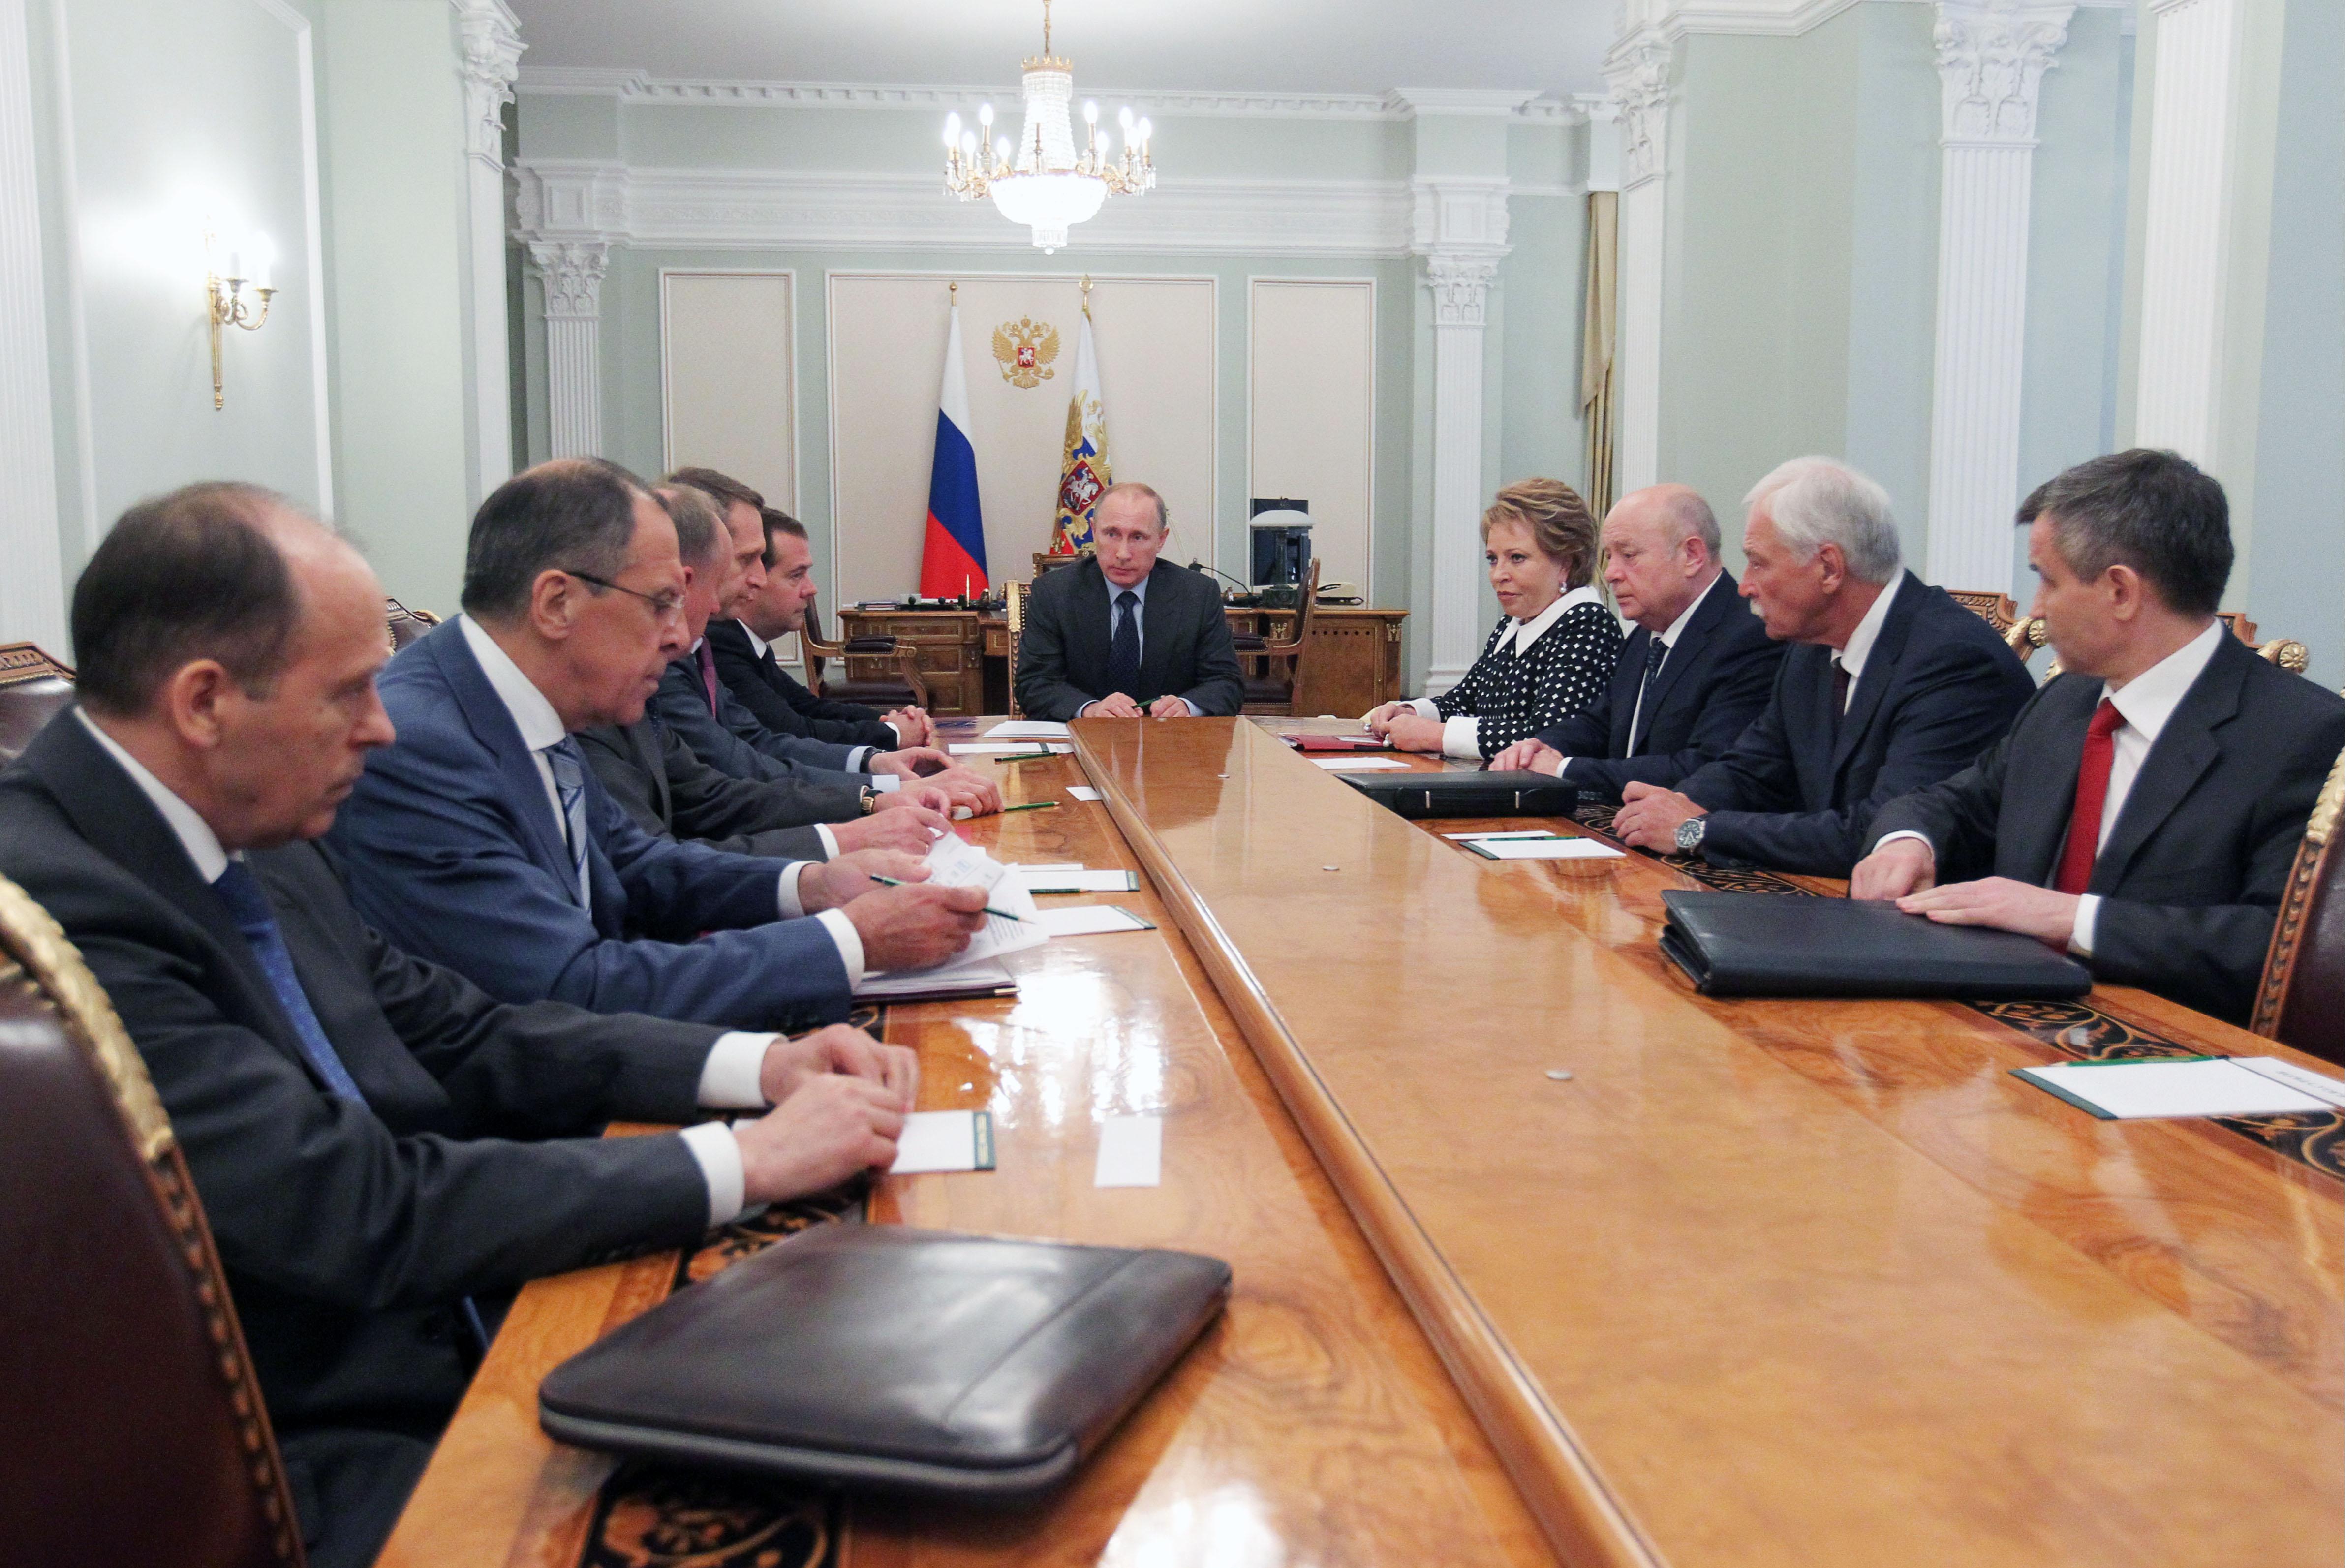 Президент России В.Путин провел совещание с членами Совета безопасности РФ